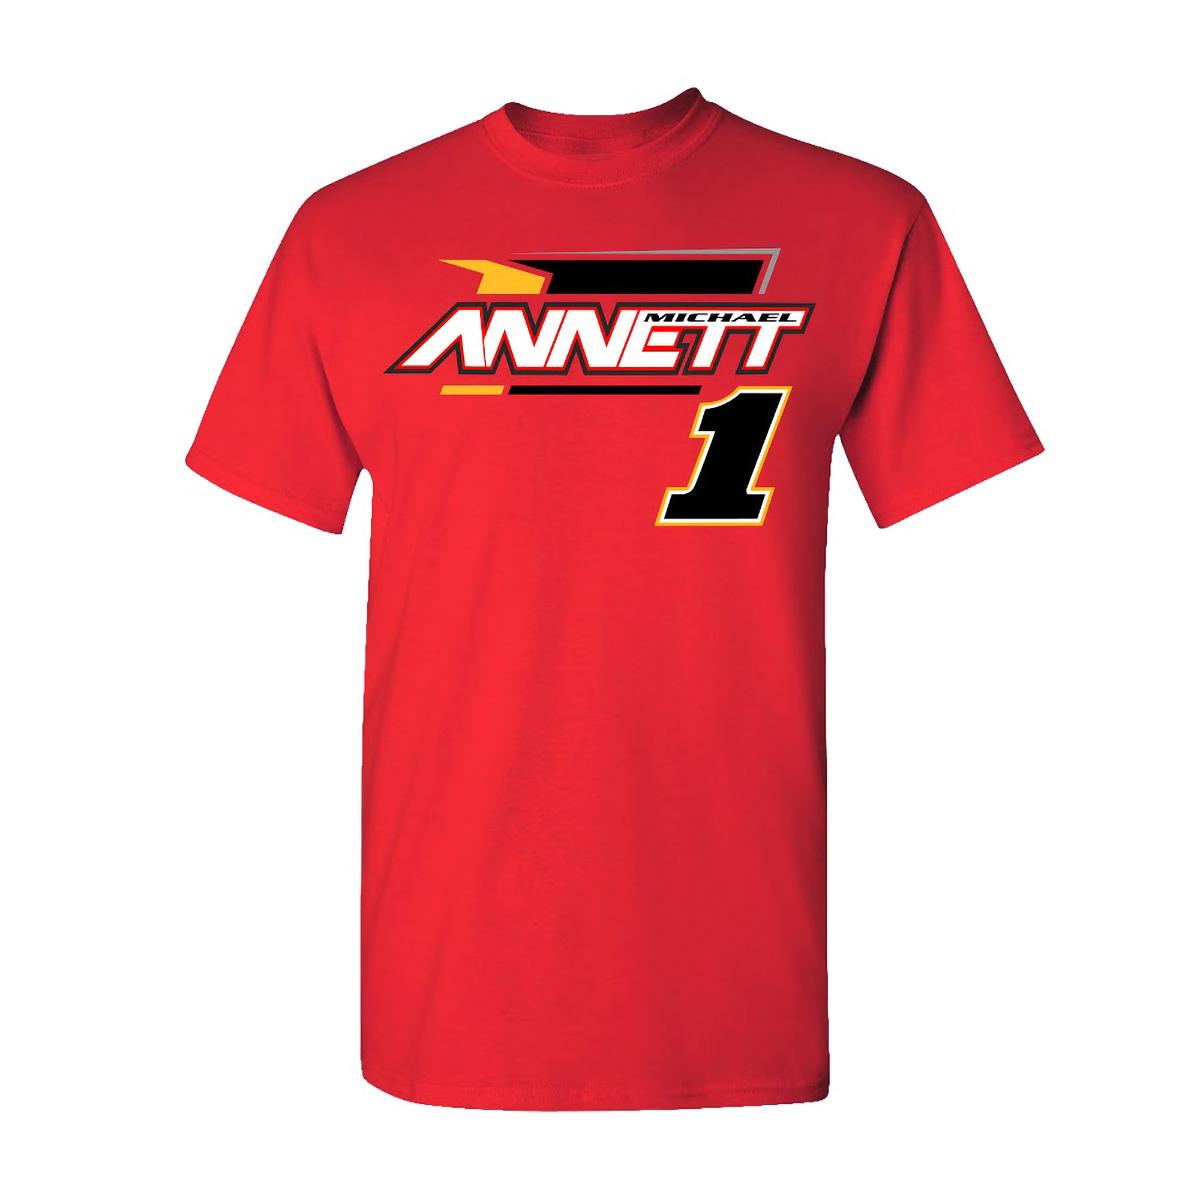 Michael Annett #1 2020 Pilot / Flying J Car T-shirt